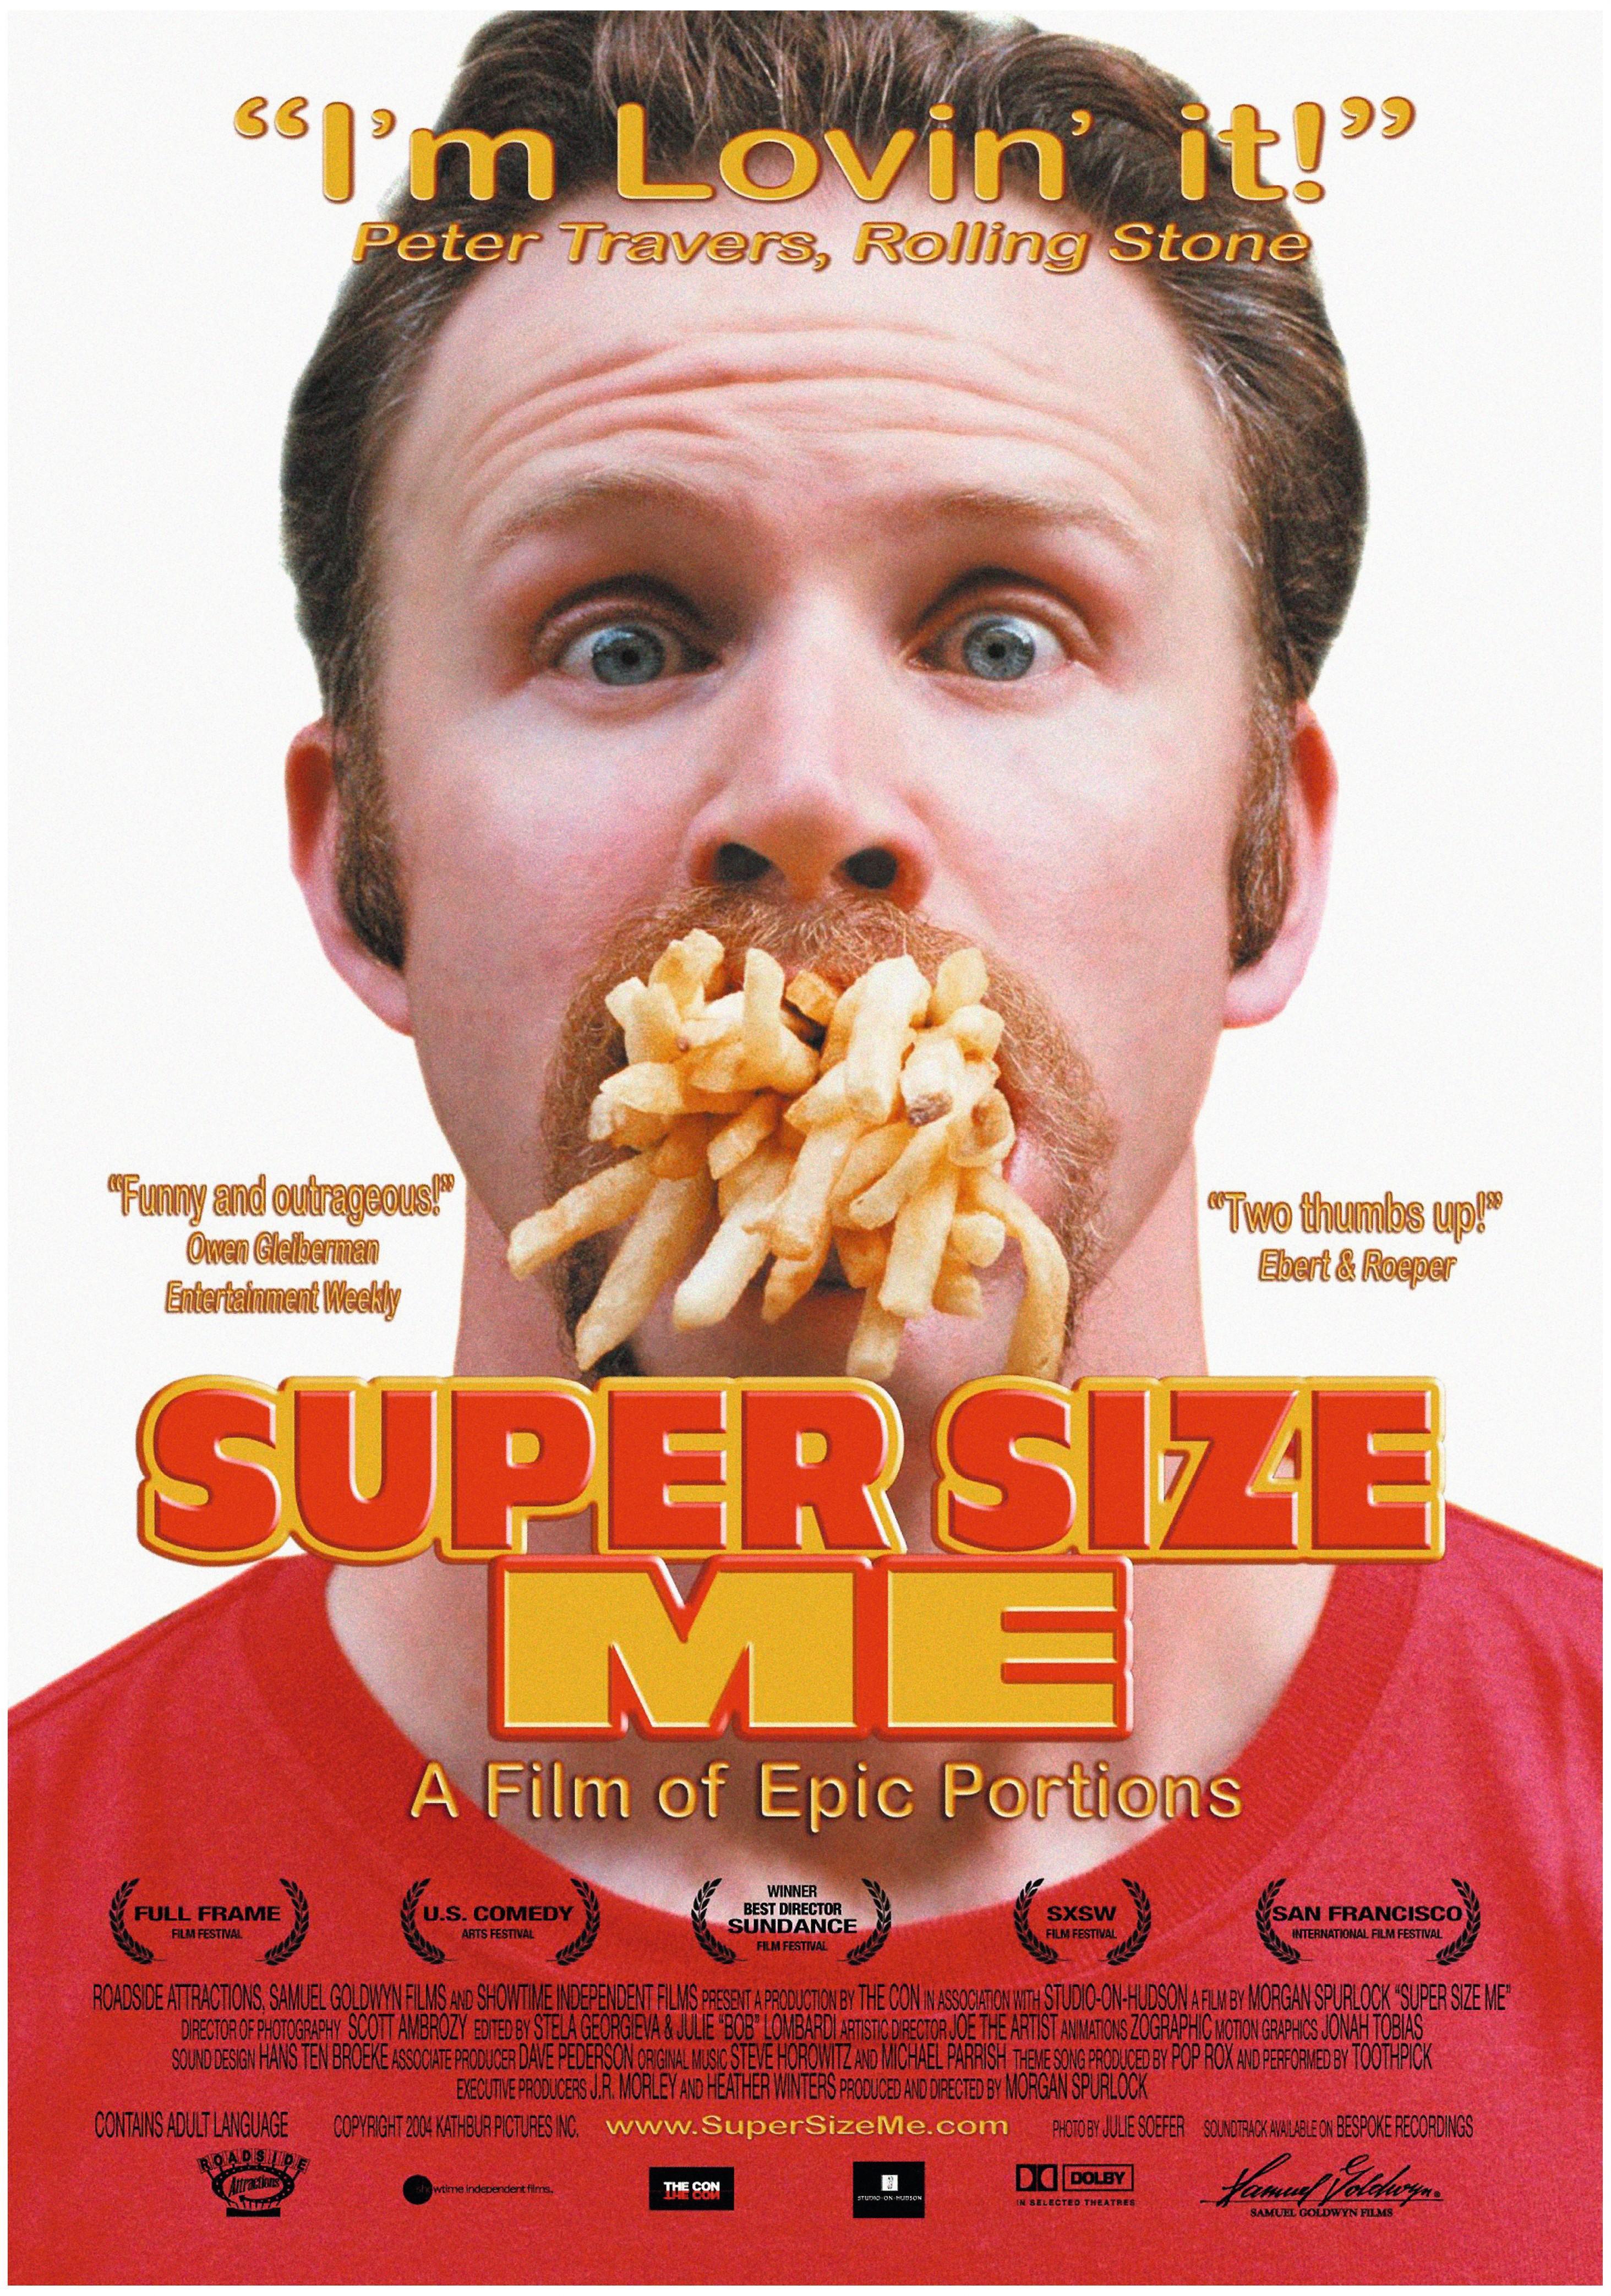 Les taxes peuvent chercher à rendre plus chers les produits les moins bons pour la santé. Le film Super Size Me, en 2004, a pointé du doigt les effets nocifs de la restauration rapide.